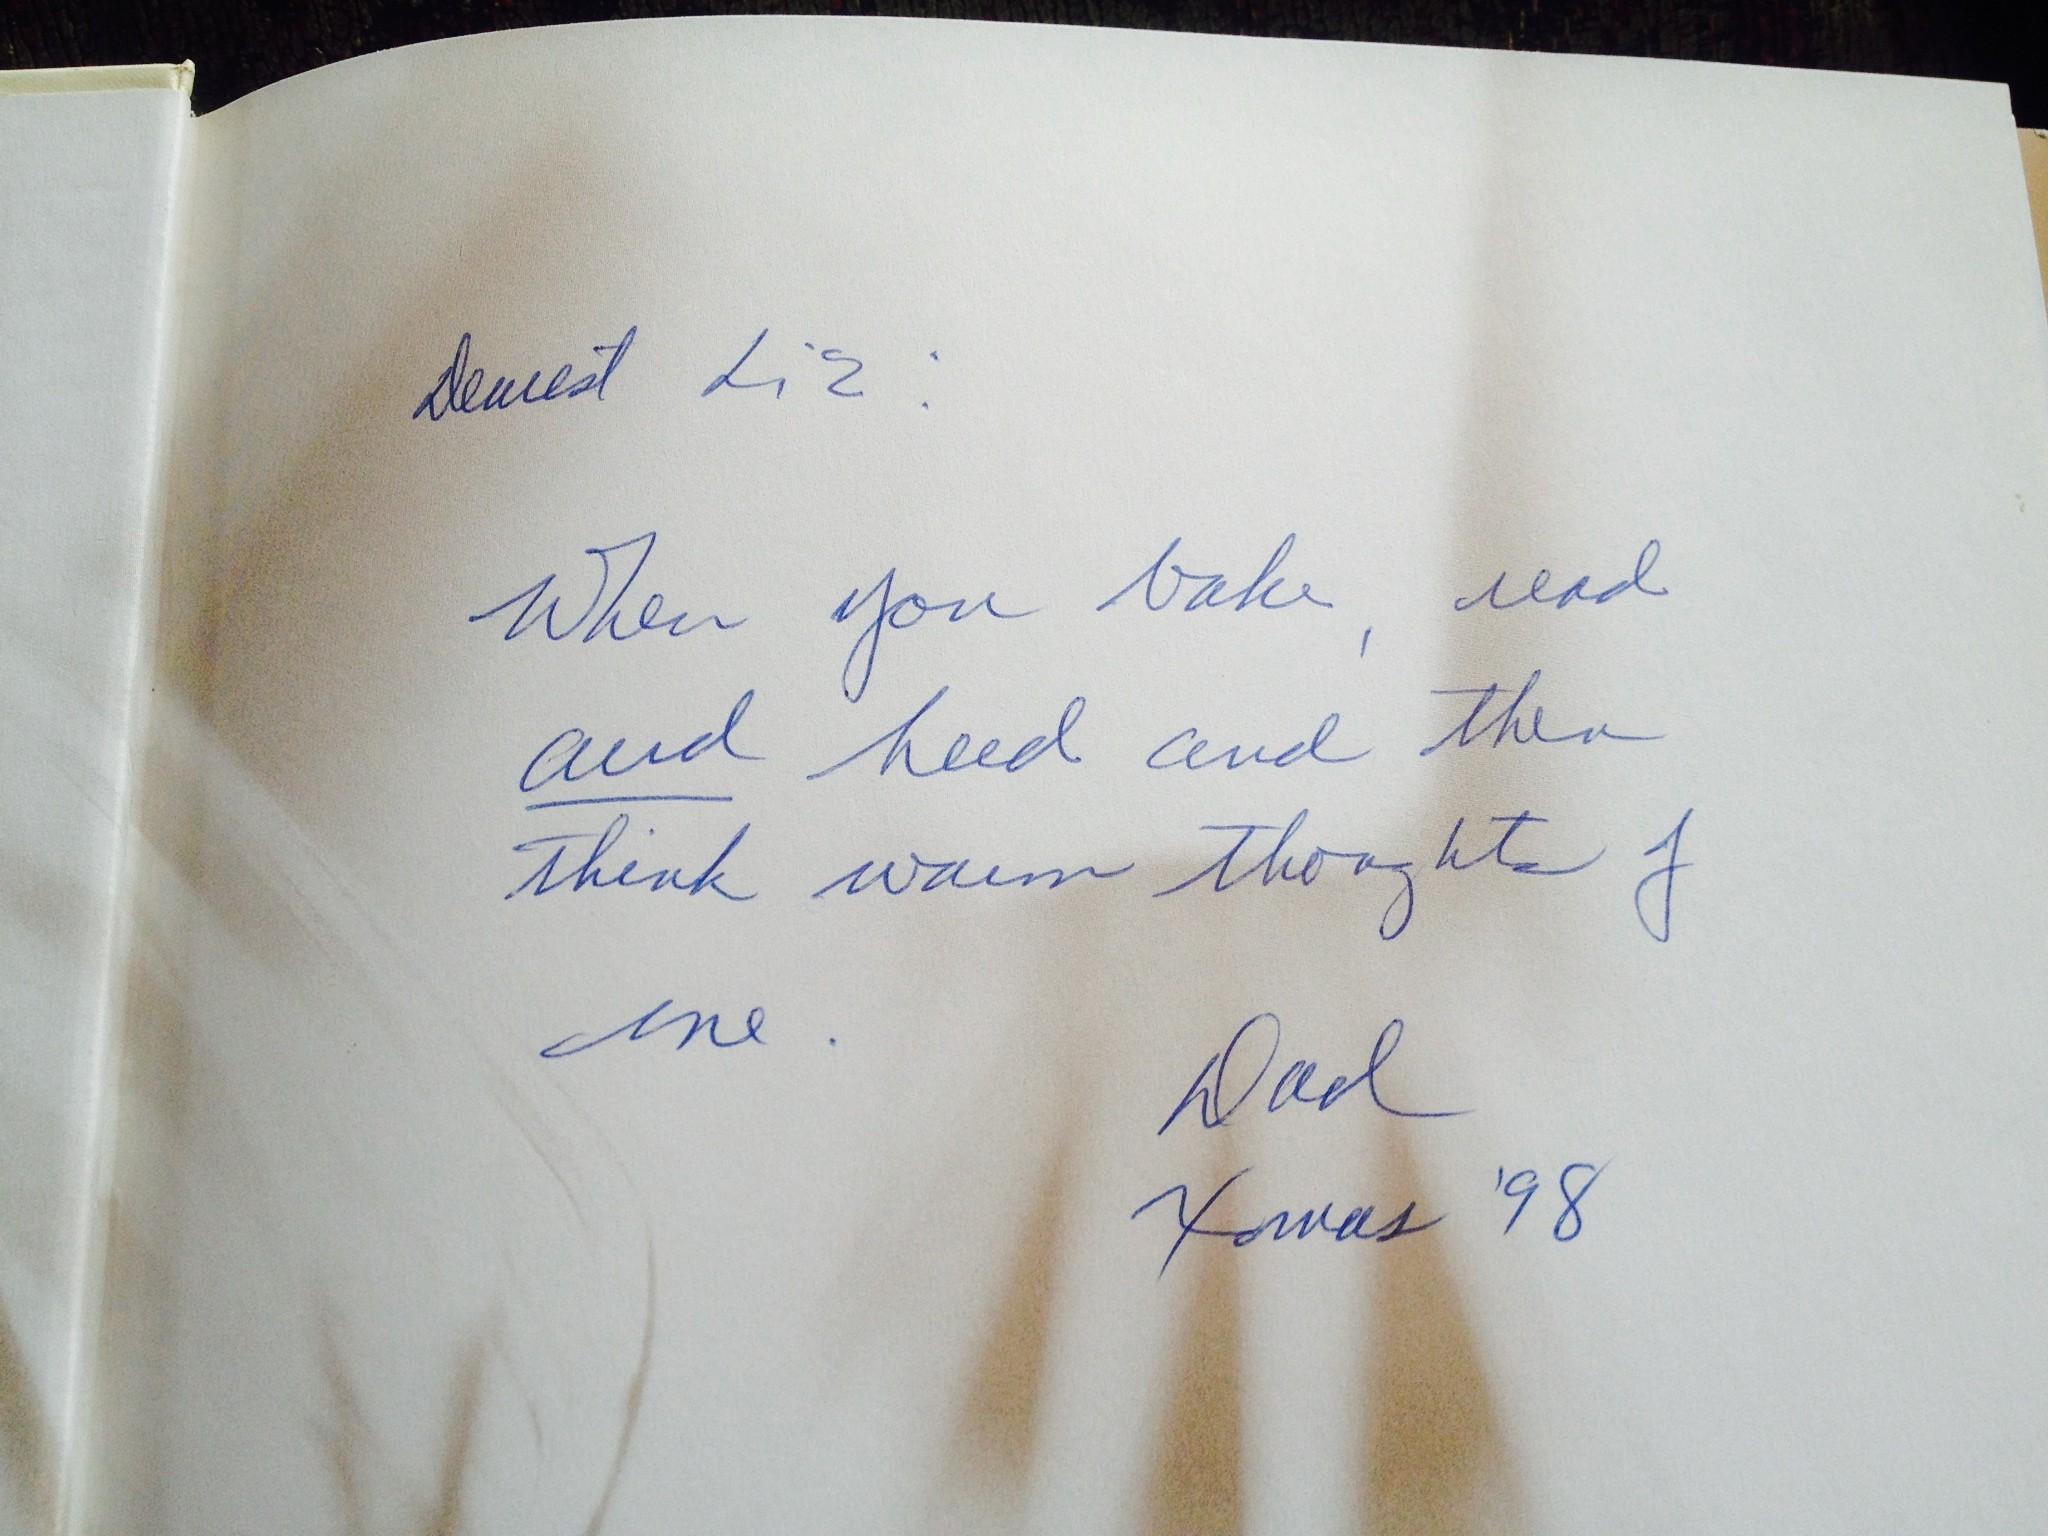 cookbook inscription